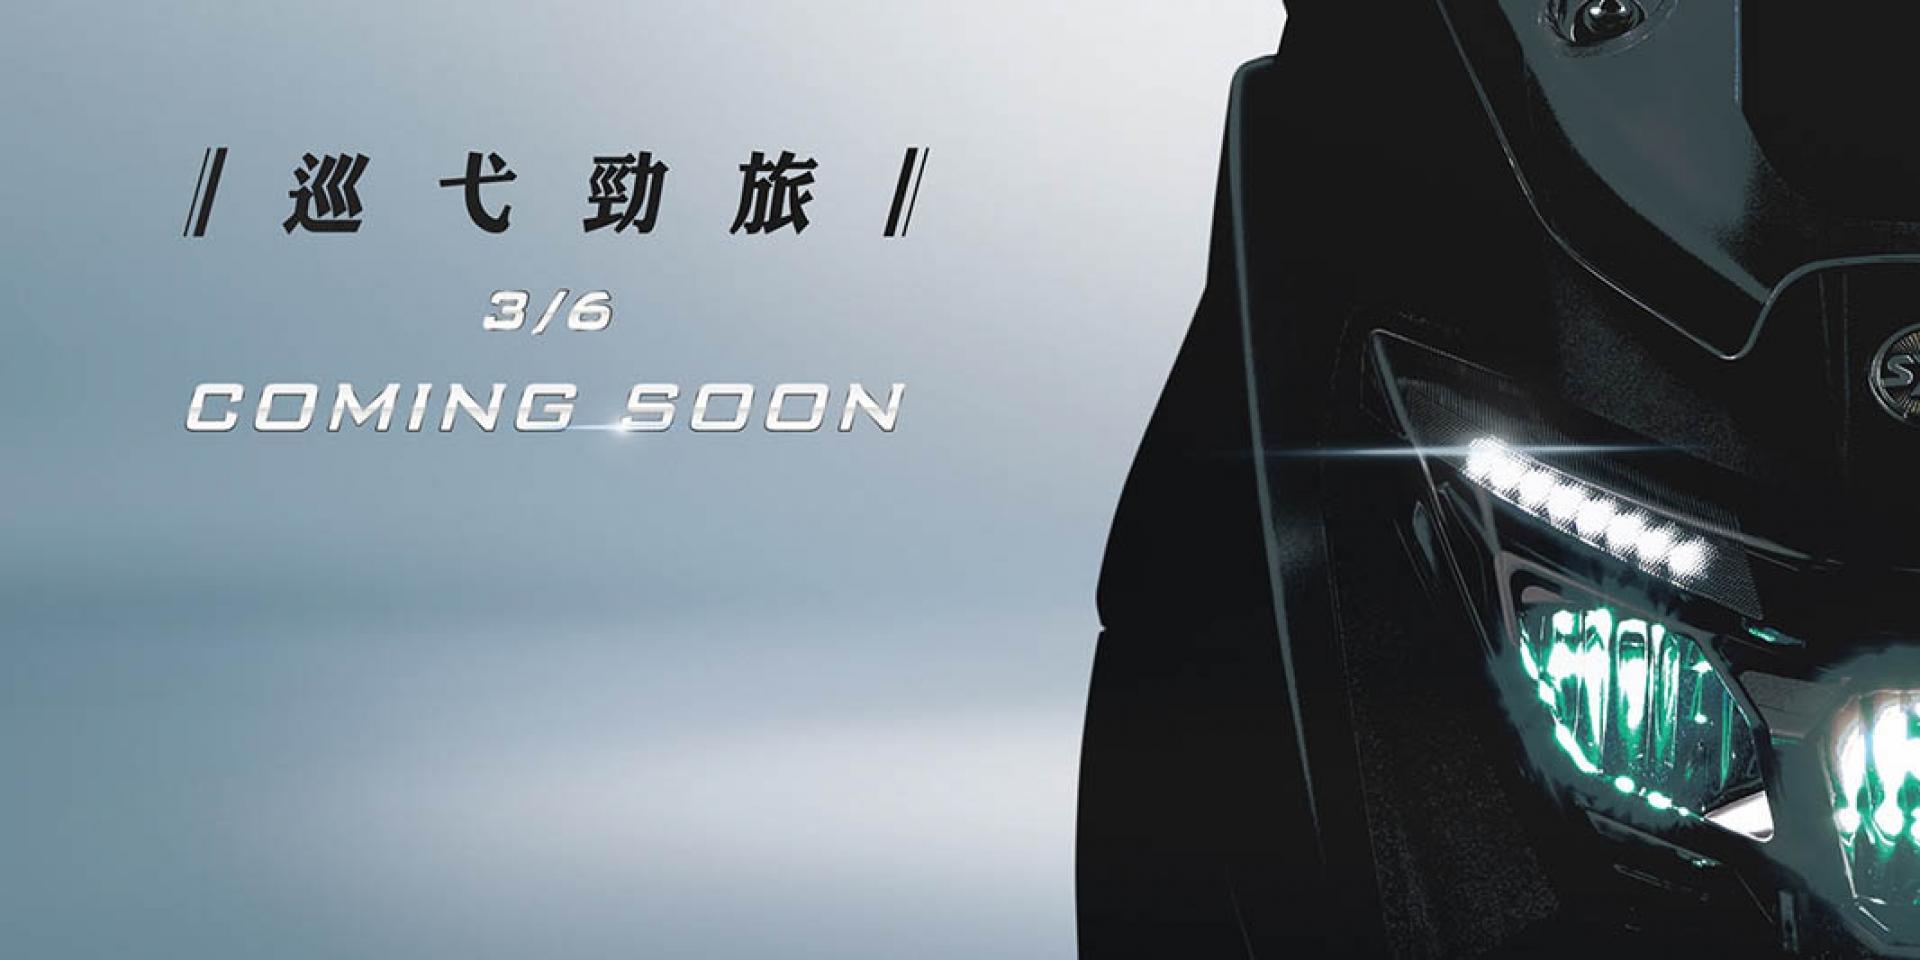 SYM新車要來了?3/6三陽機車將舉行大羊發表會